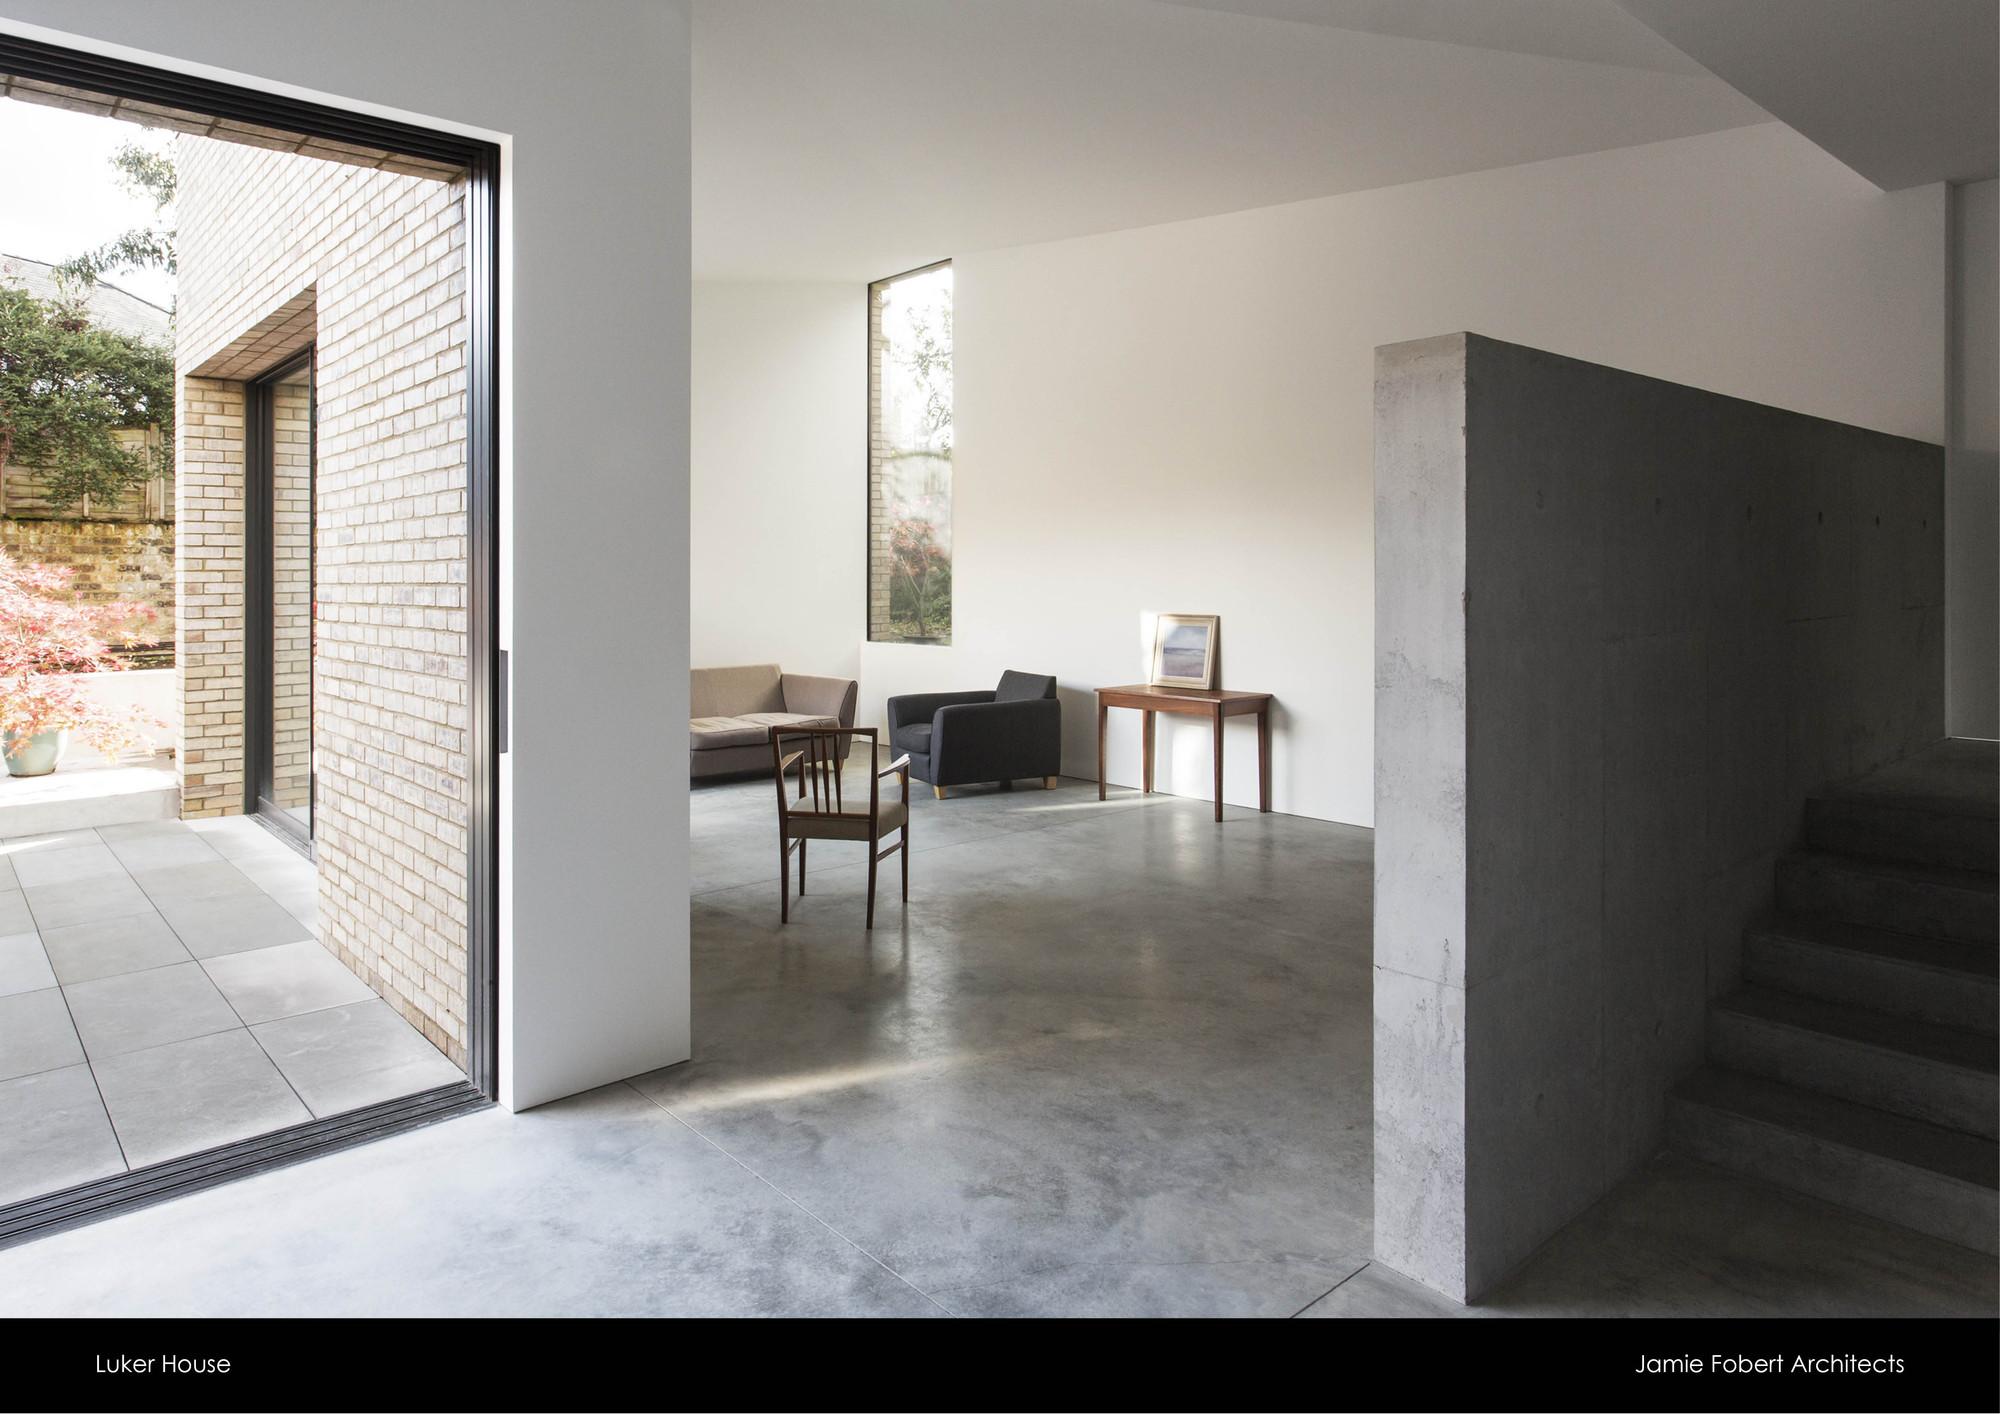 Luker House / Jamie Fobart Architects. Image © Oliver Hess